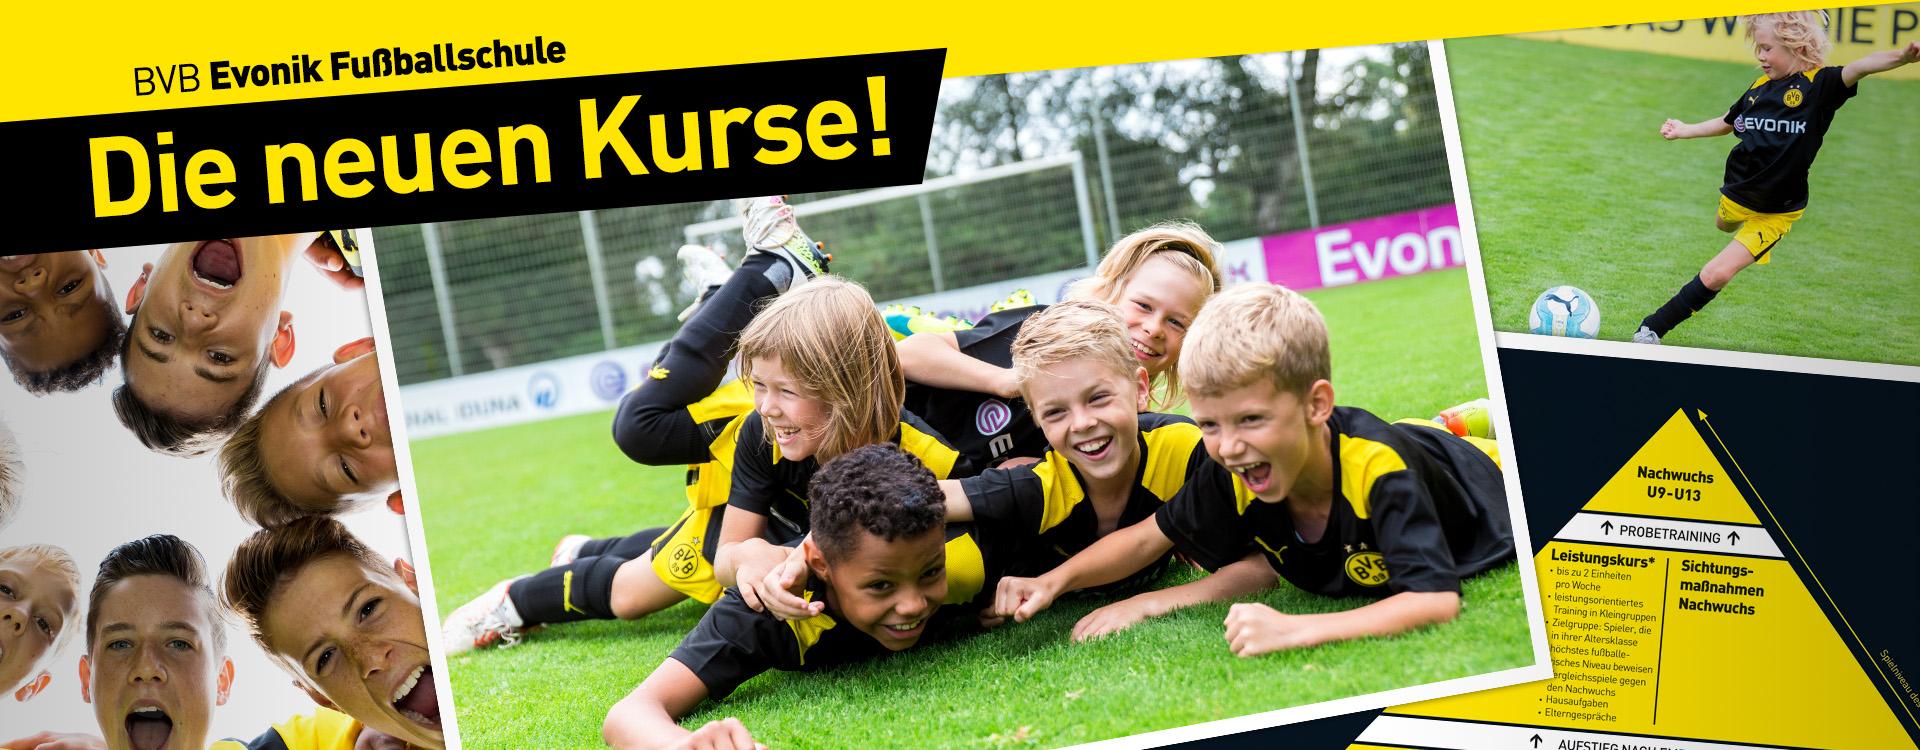 Kategoriebuehne-Fussballschule-Uebersicht